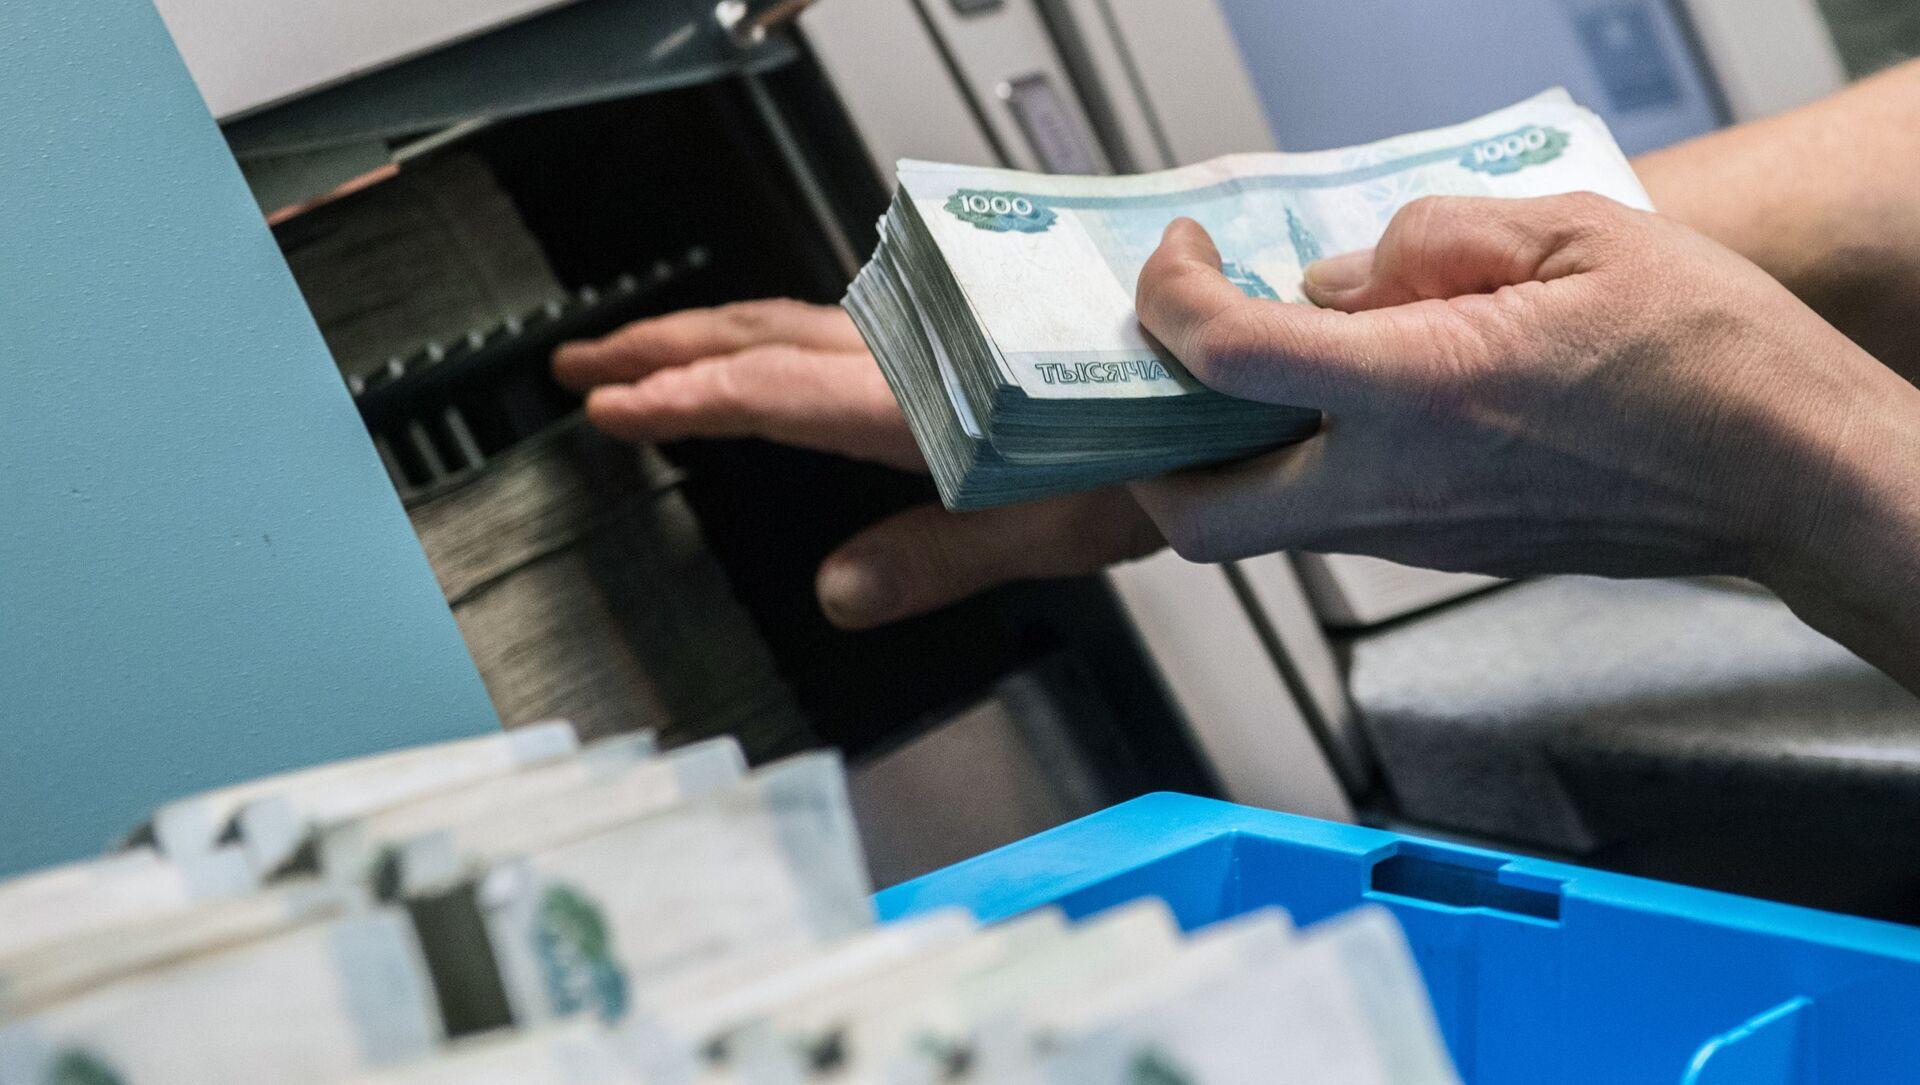 Уничтожение старых банкнот в Банке России - Sputnik Аҧсны, 1920, 23.09.2021